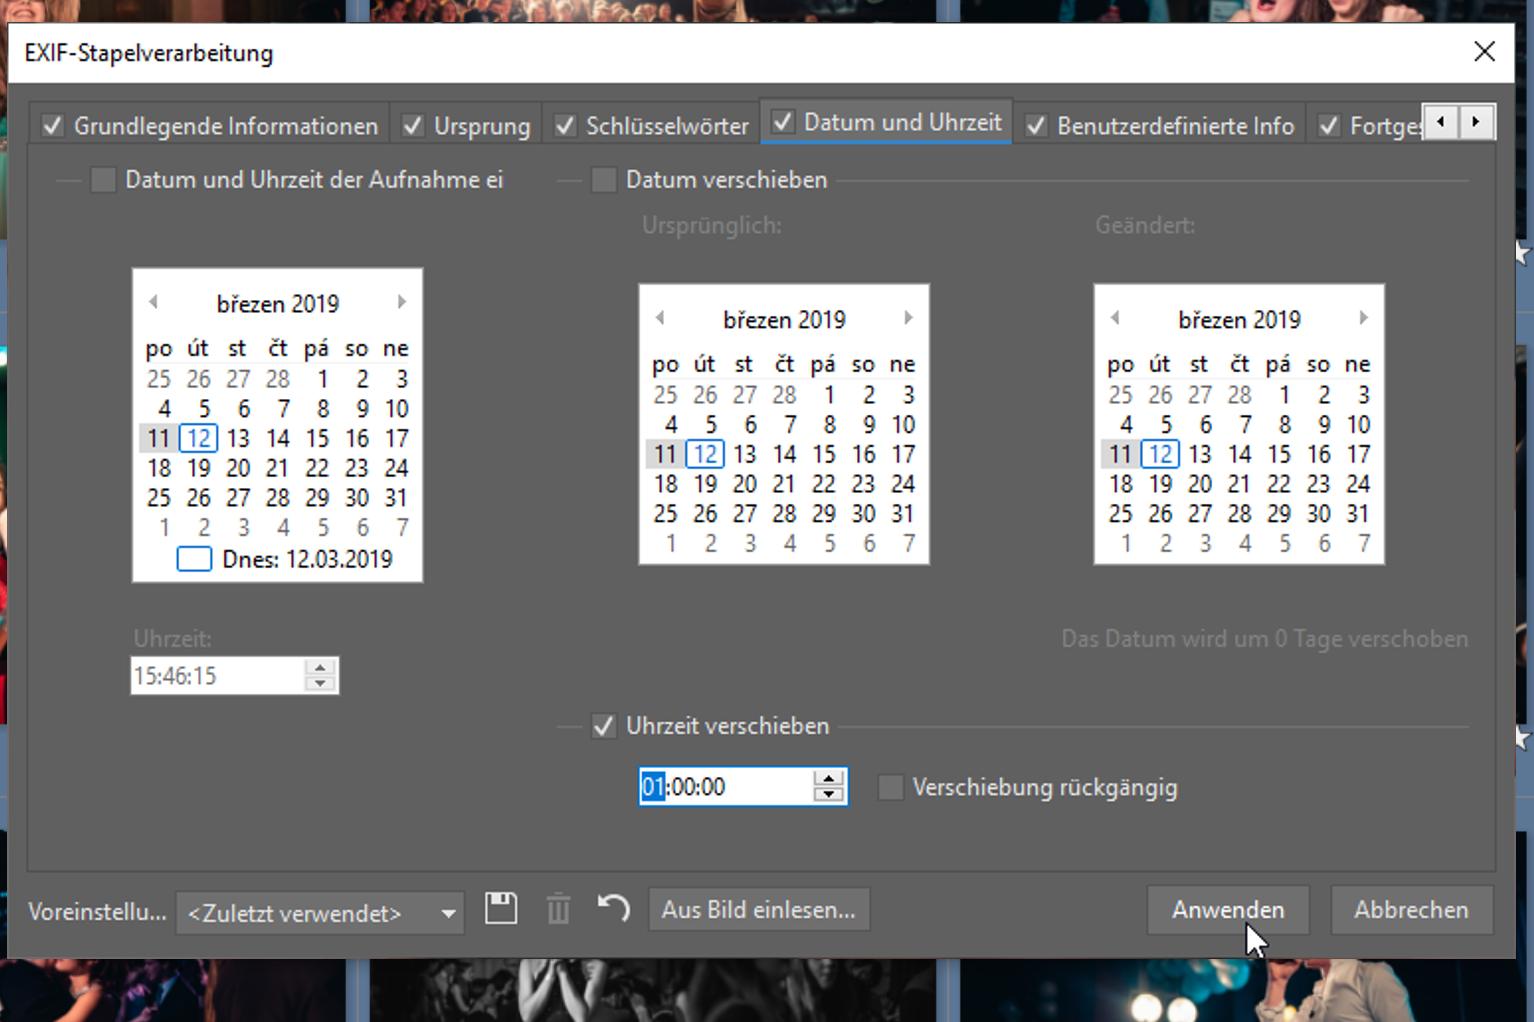 Korrigieren Sie das Datum und die Uhrzeit, falls diese nicht richtig sind.